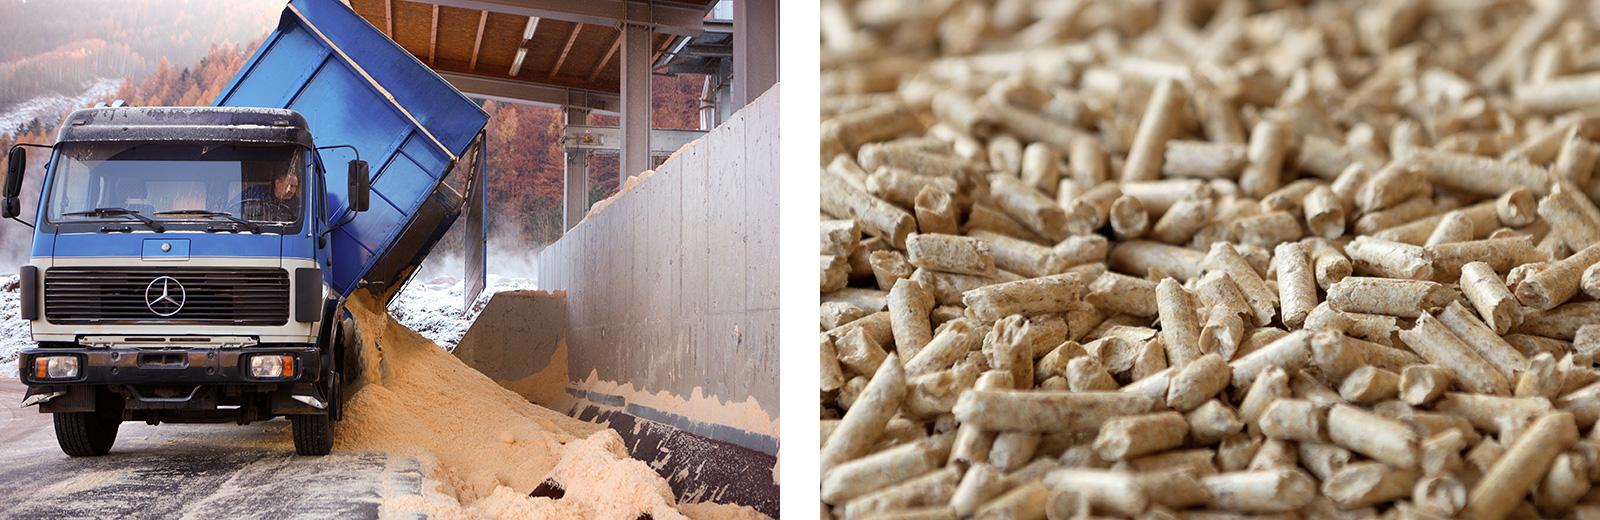 links: Anlieferung von Sägemehl für Pelletproduktion, rechts: Pellets